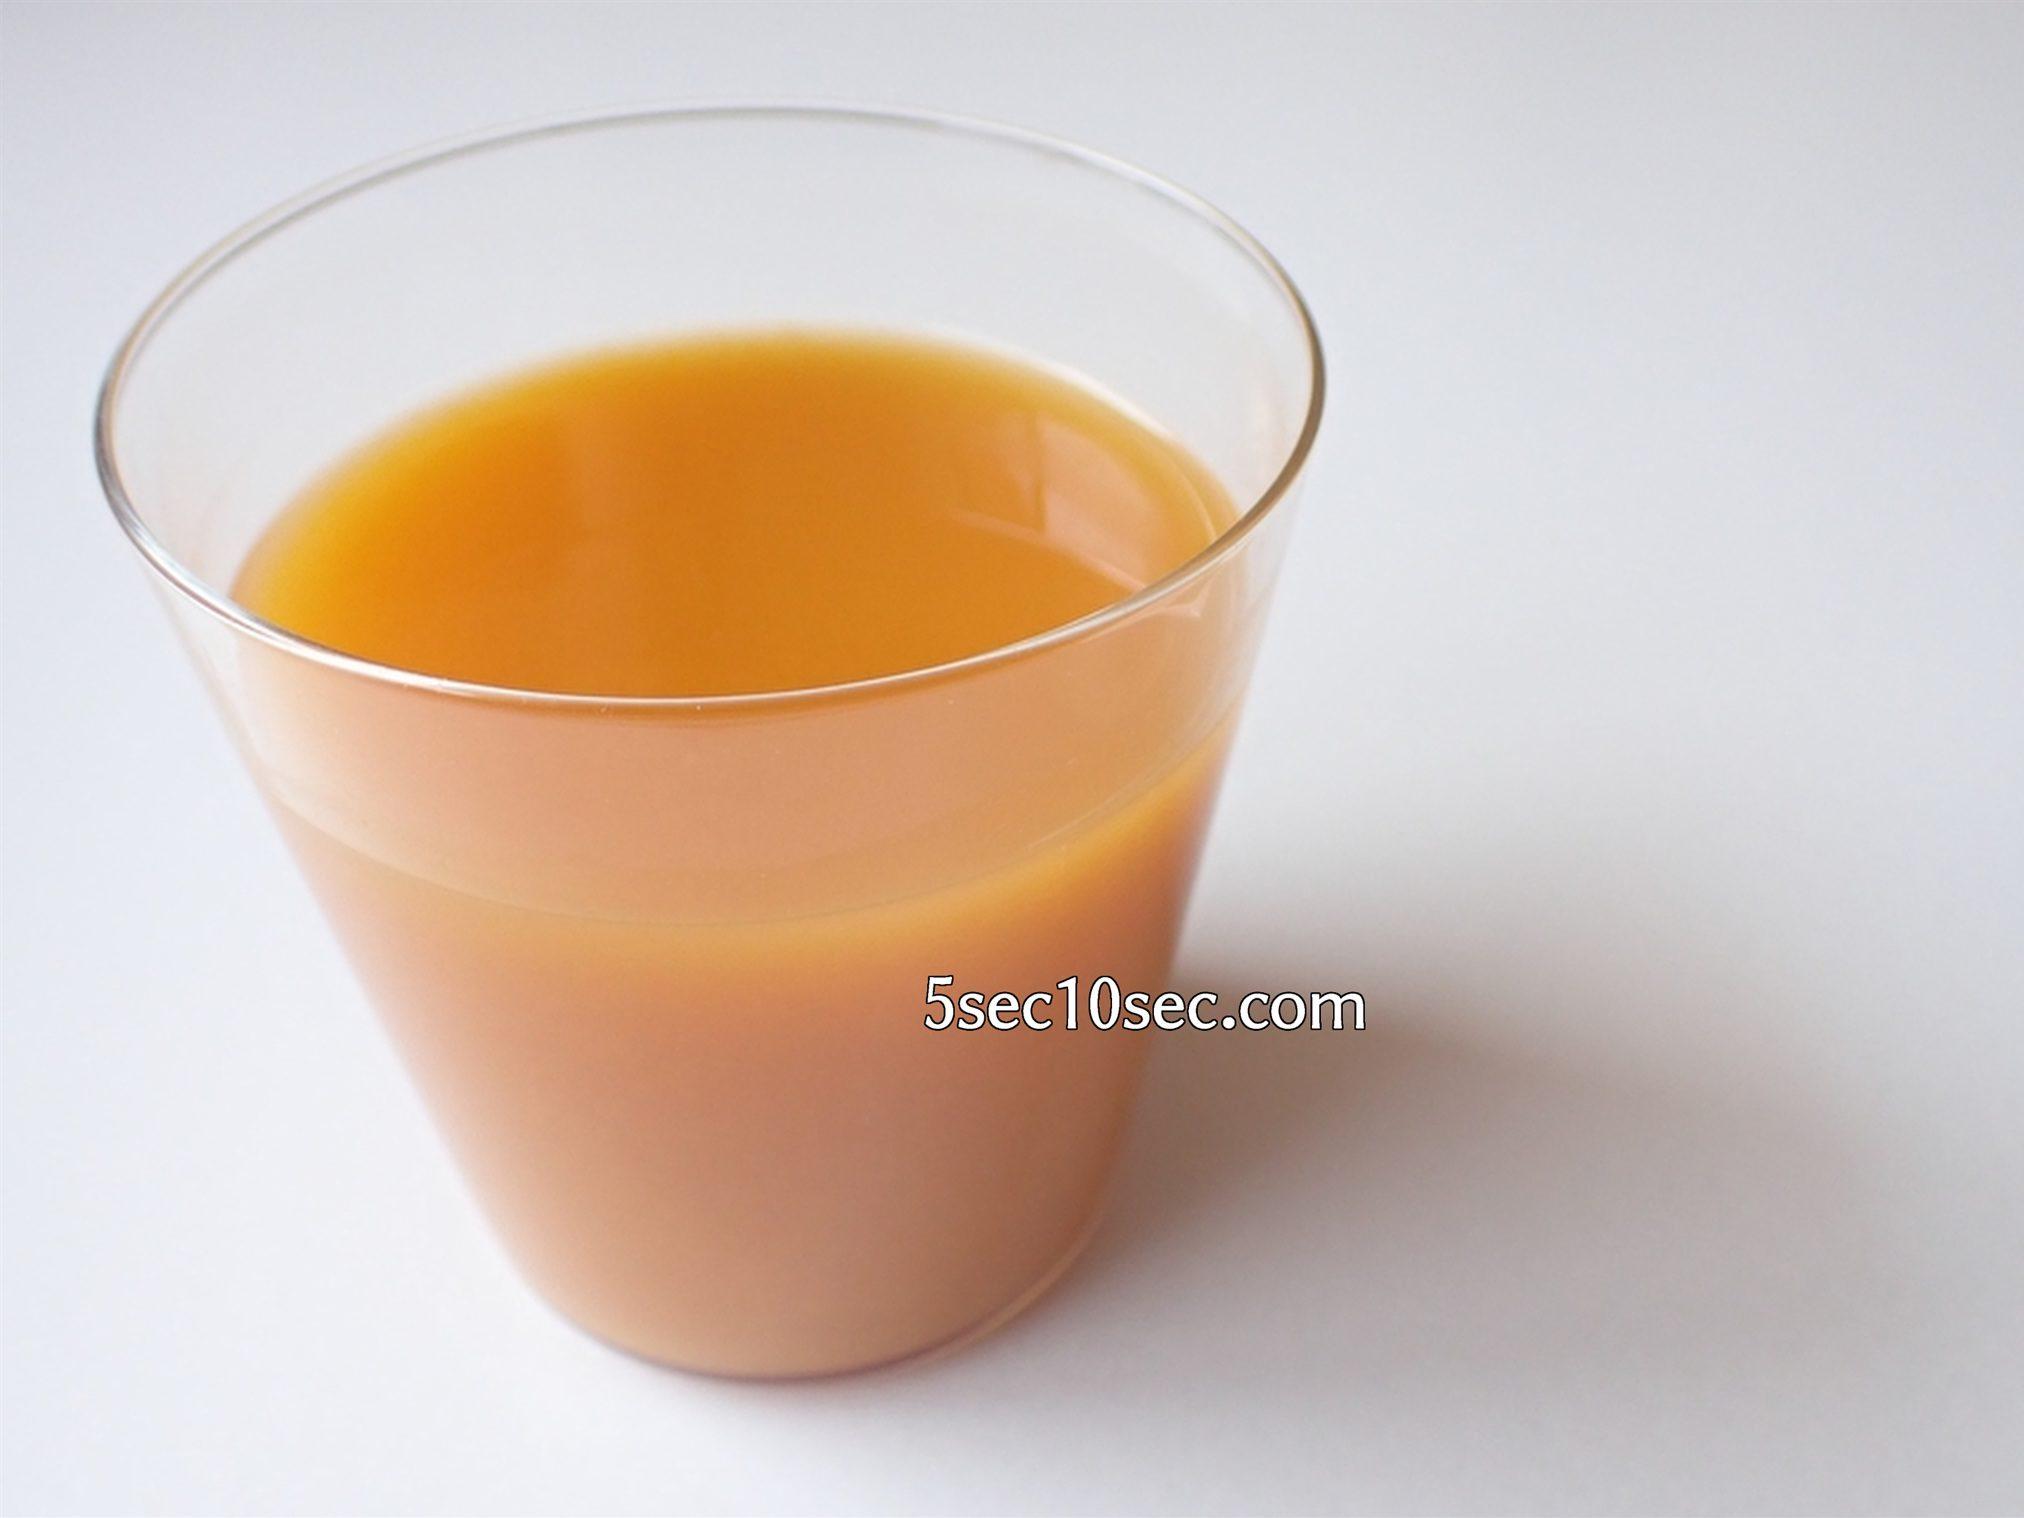 株式会社フィネス 黄酸汁 豊潤サジー グラスについで炭酸で割った写真